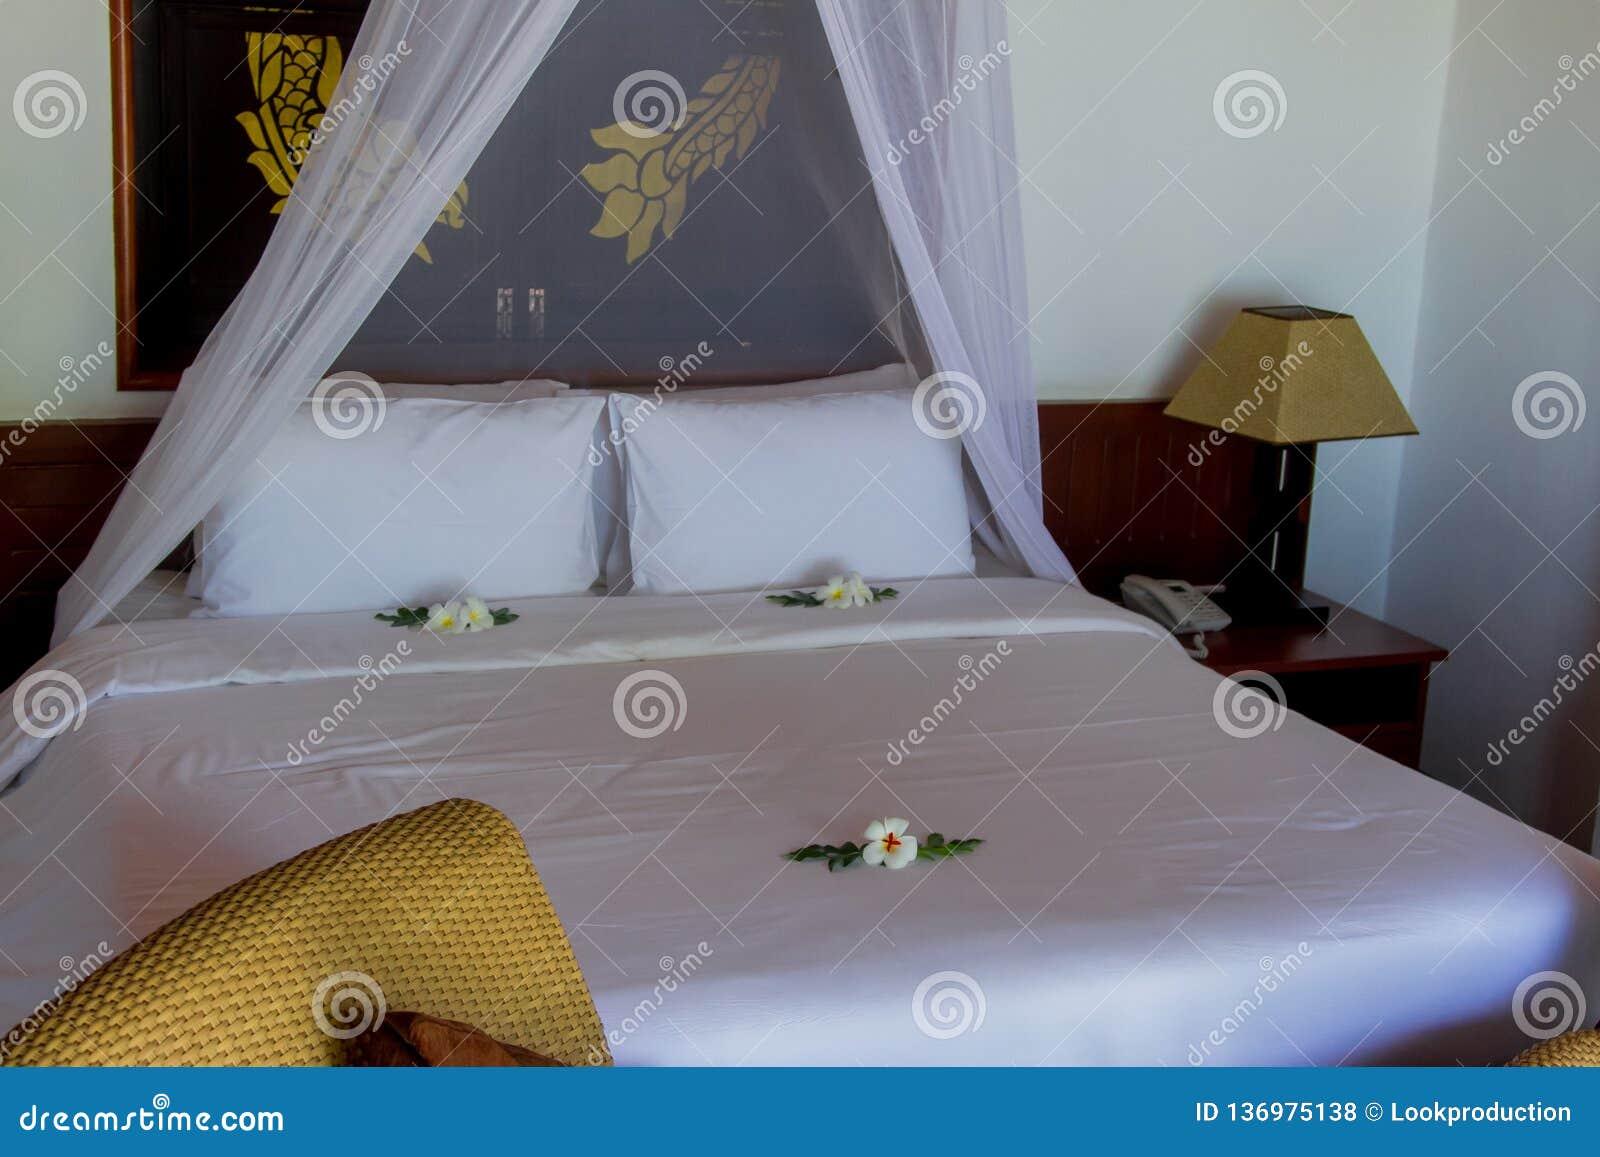 Bed in luxury bedroom villa